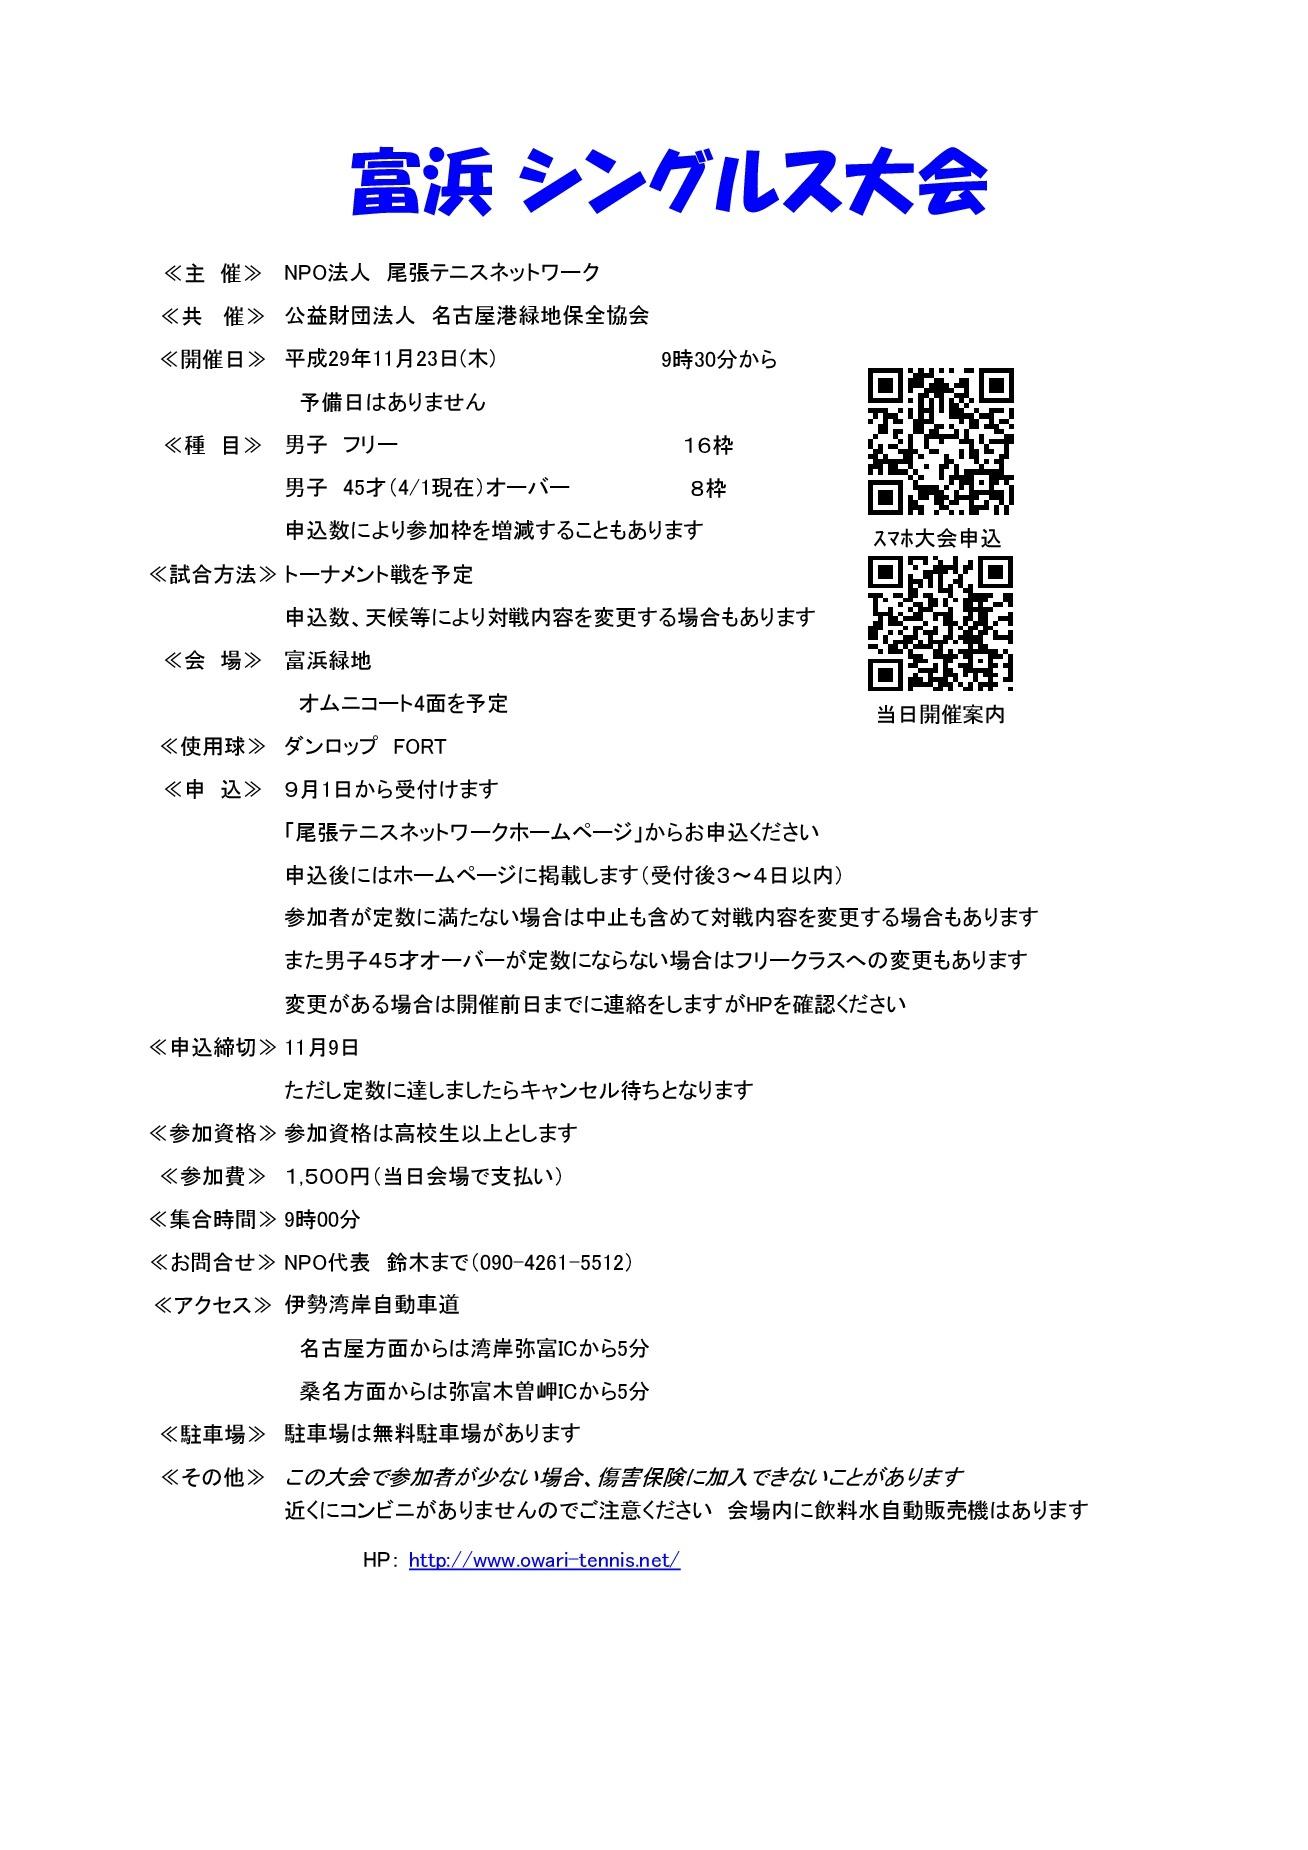 富浜 シングルス大会 開催のご案内!_d0338682_11153775.jpg